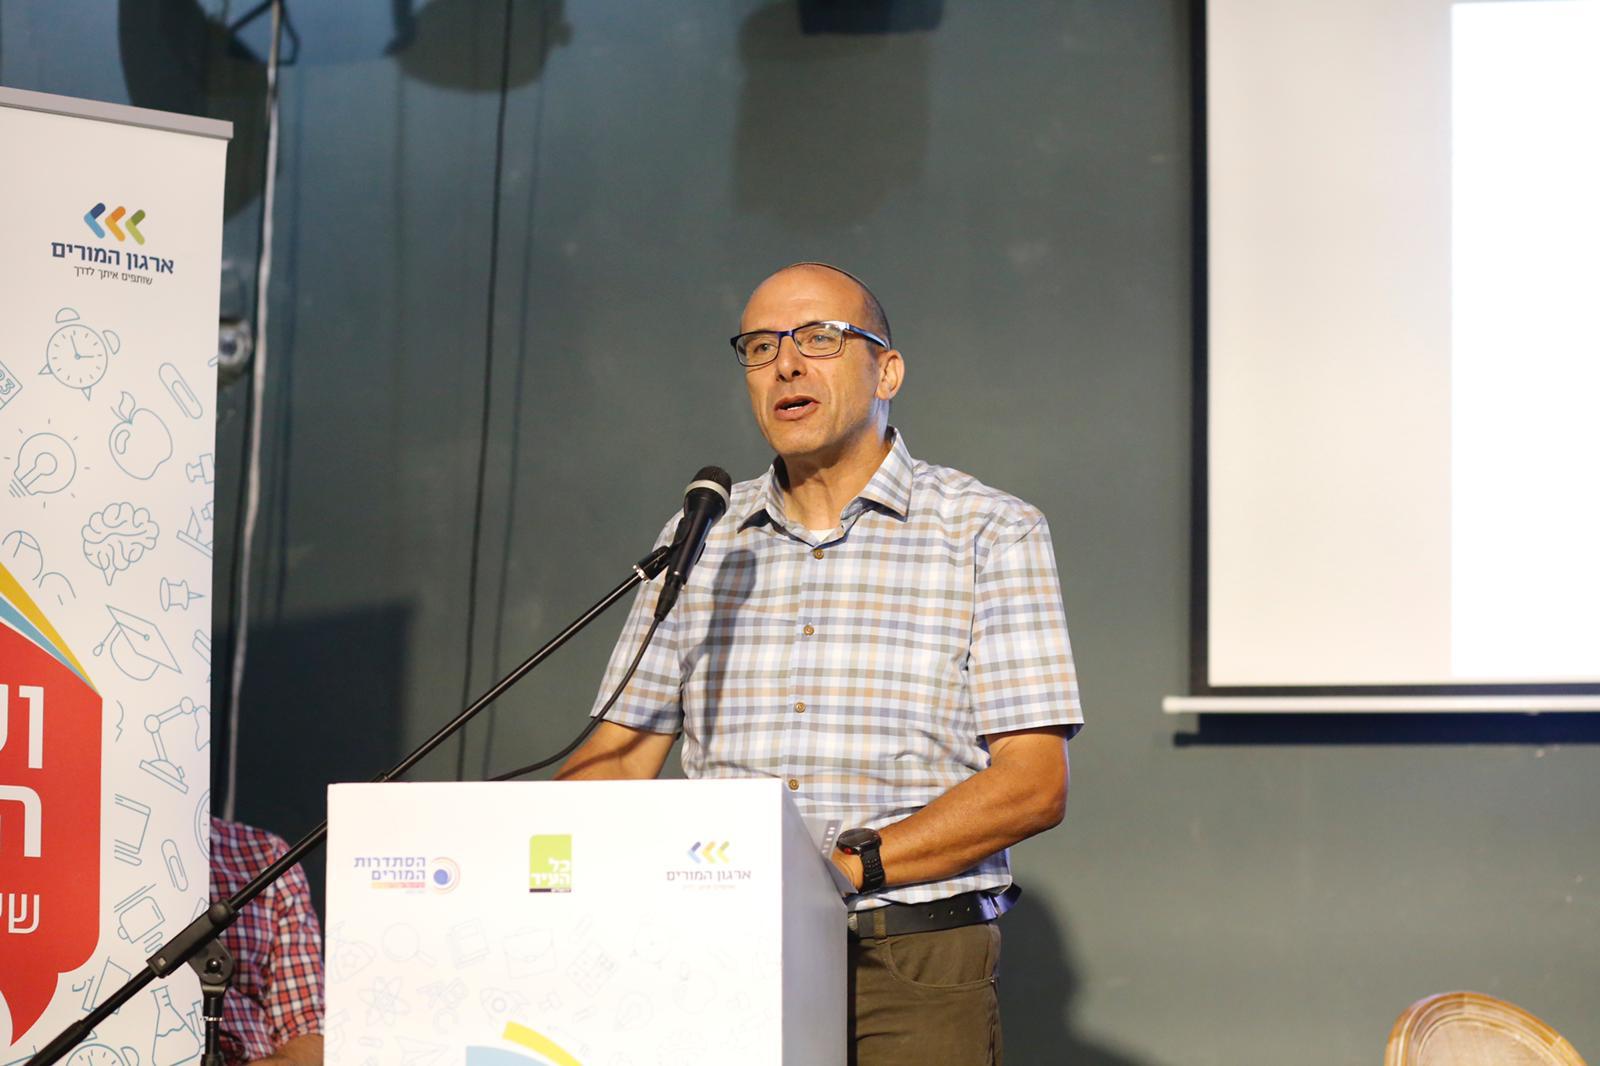 """מרדכי בניטה, מנכ""""ל משרד ירושלים ומורשת (צילום: מעיין סבאג)"""